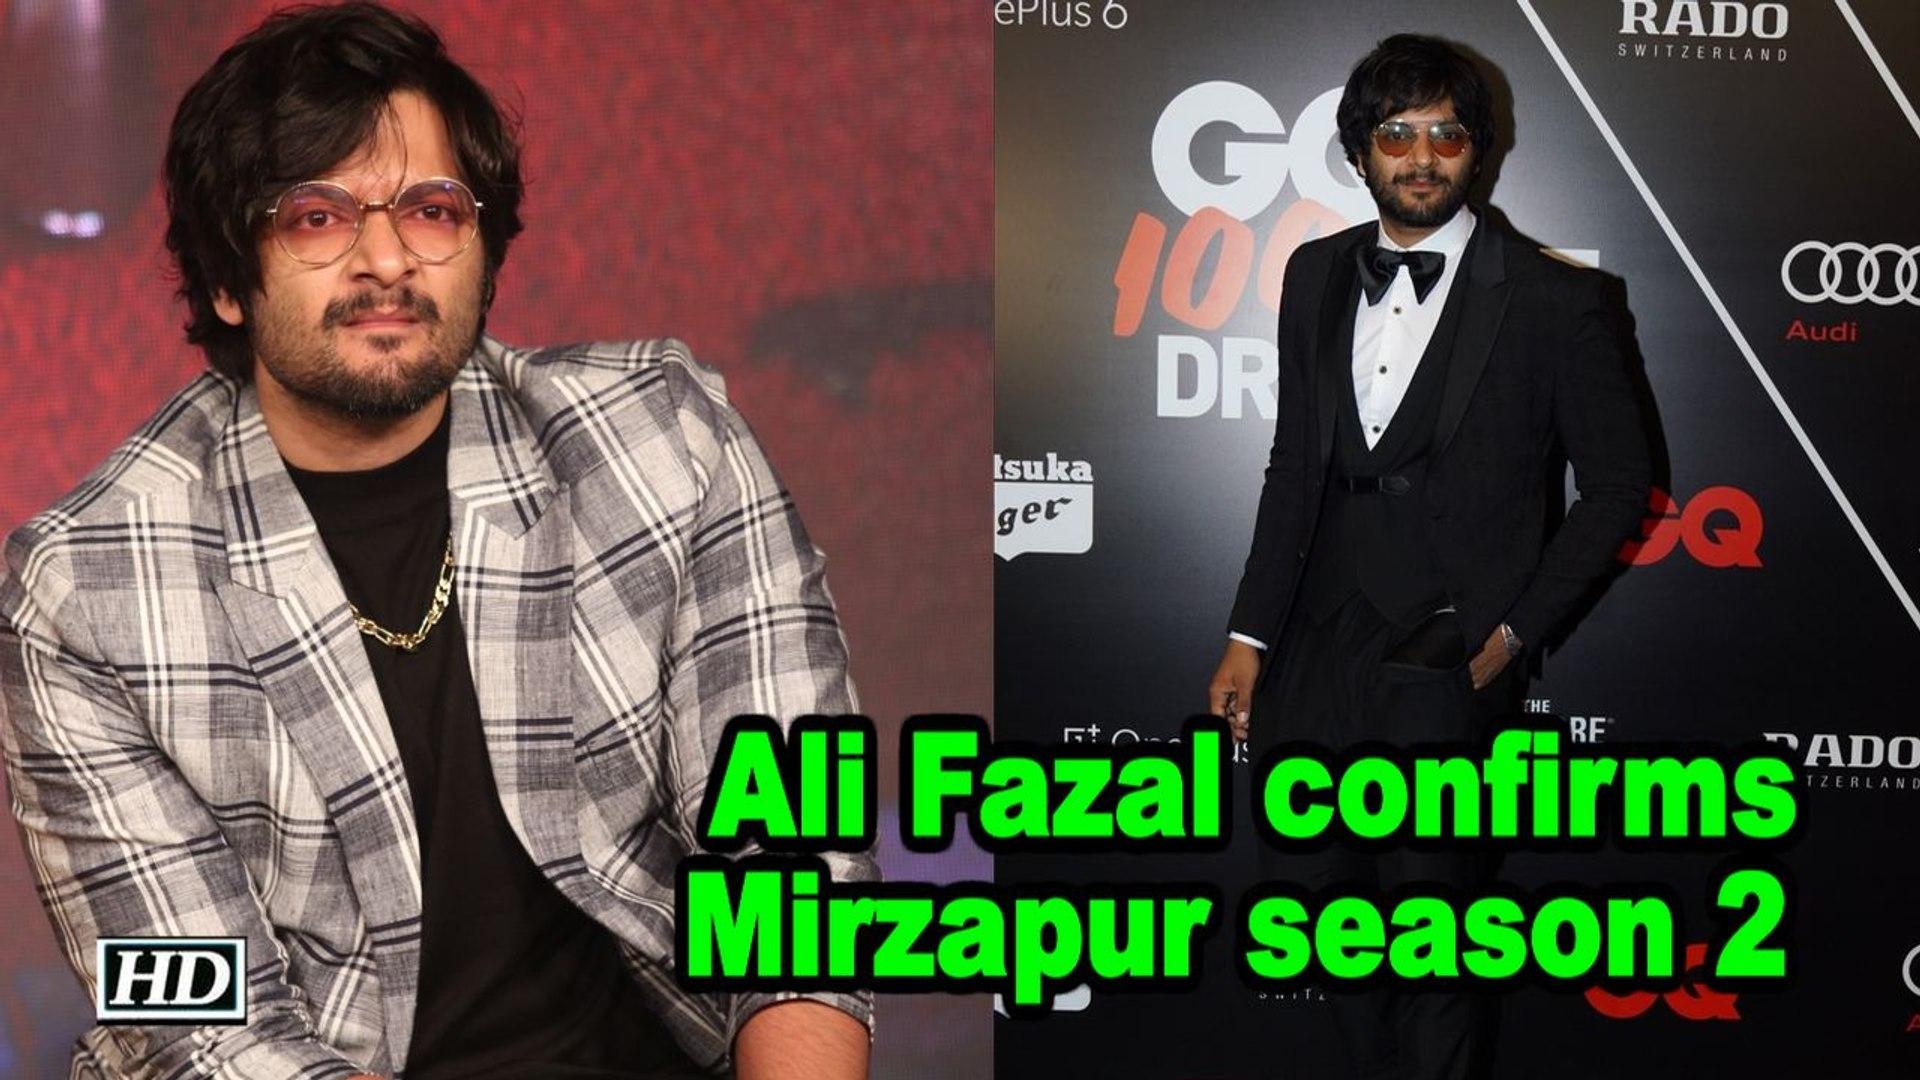 Ali Fazal confirms Mirzapur season 2